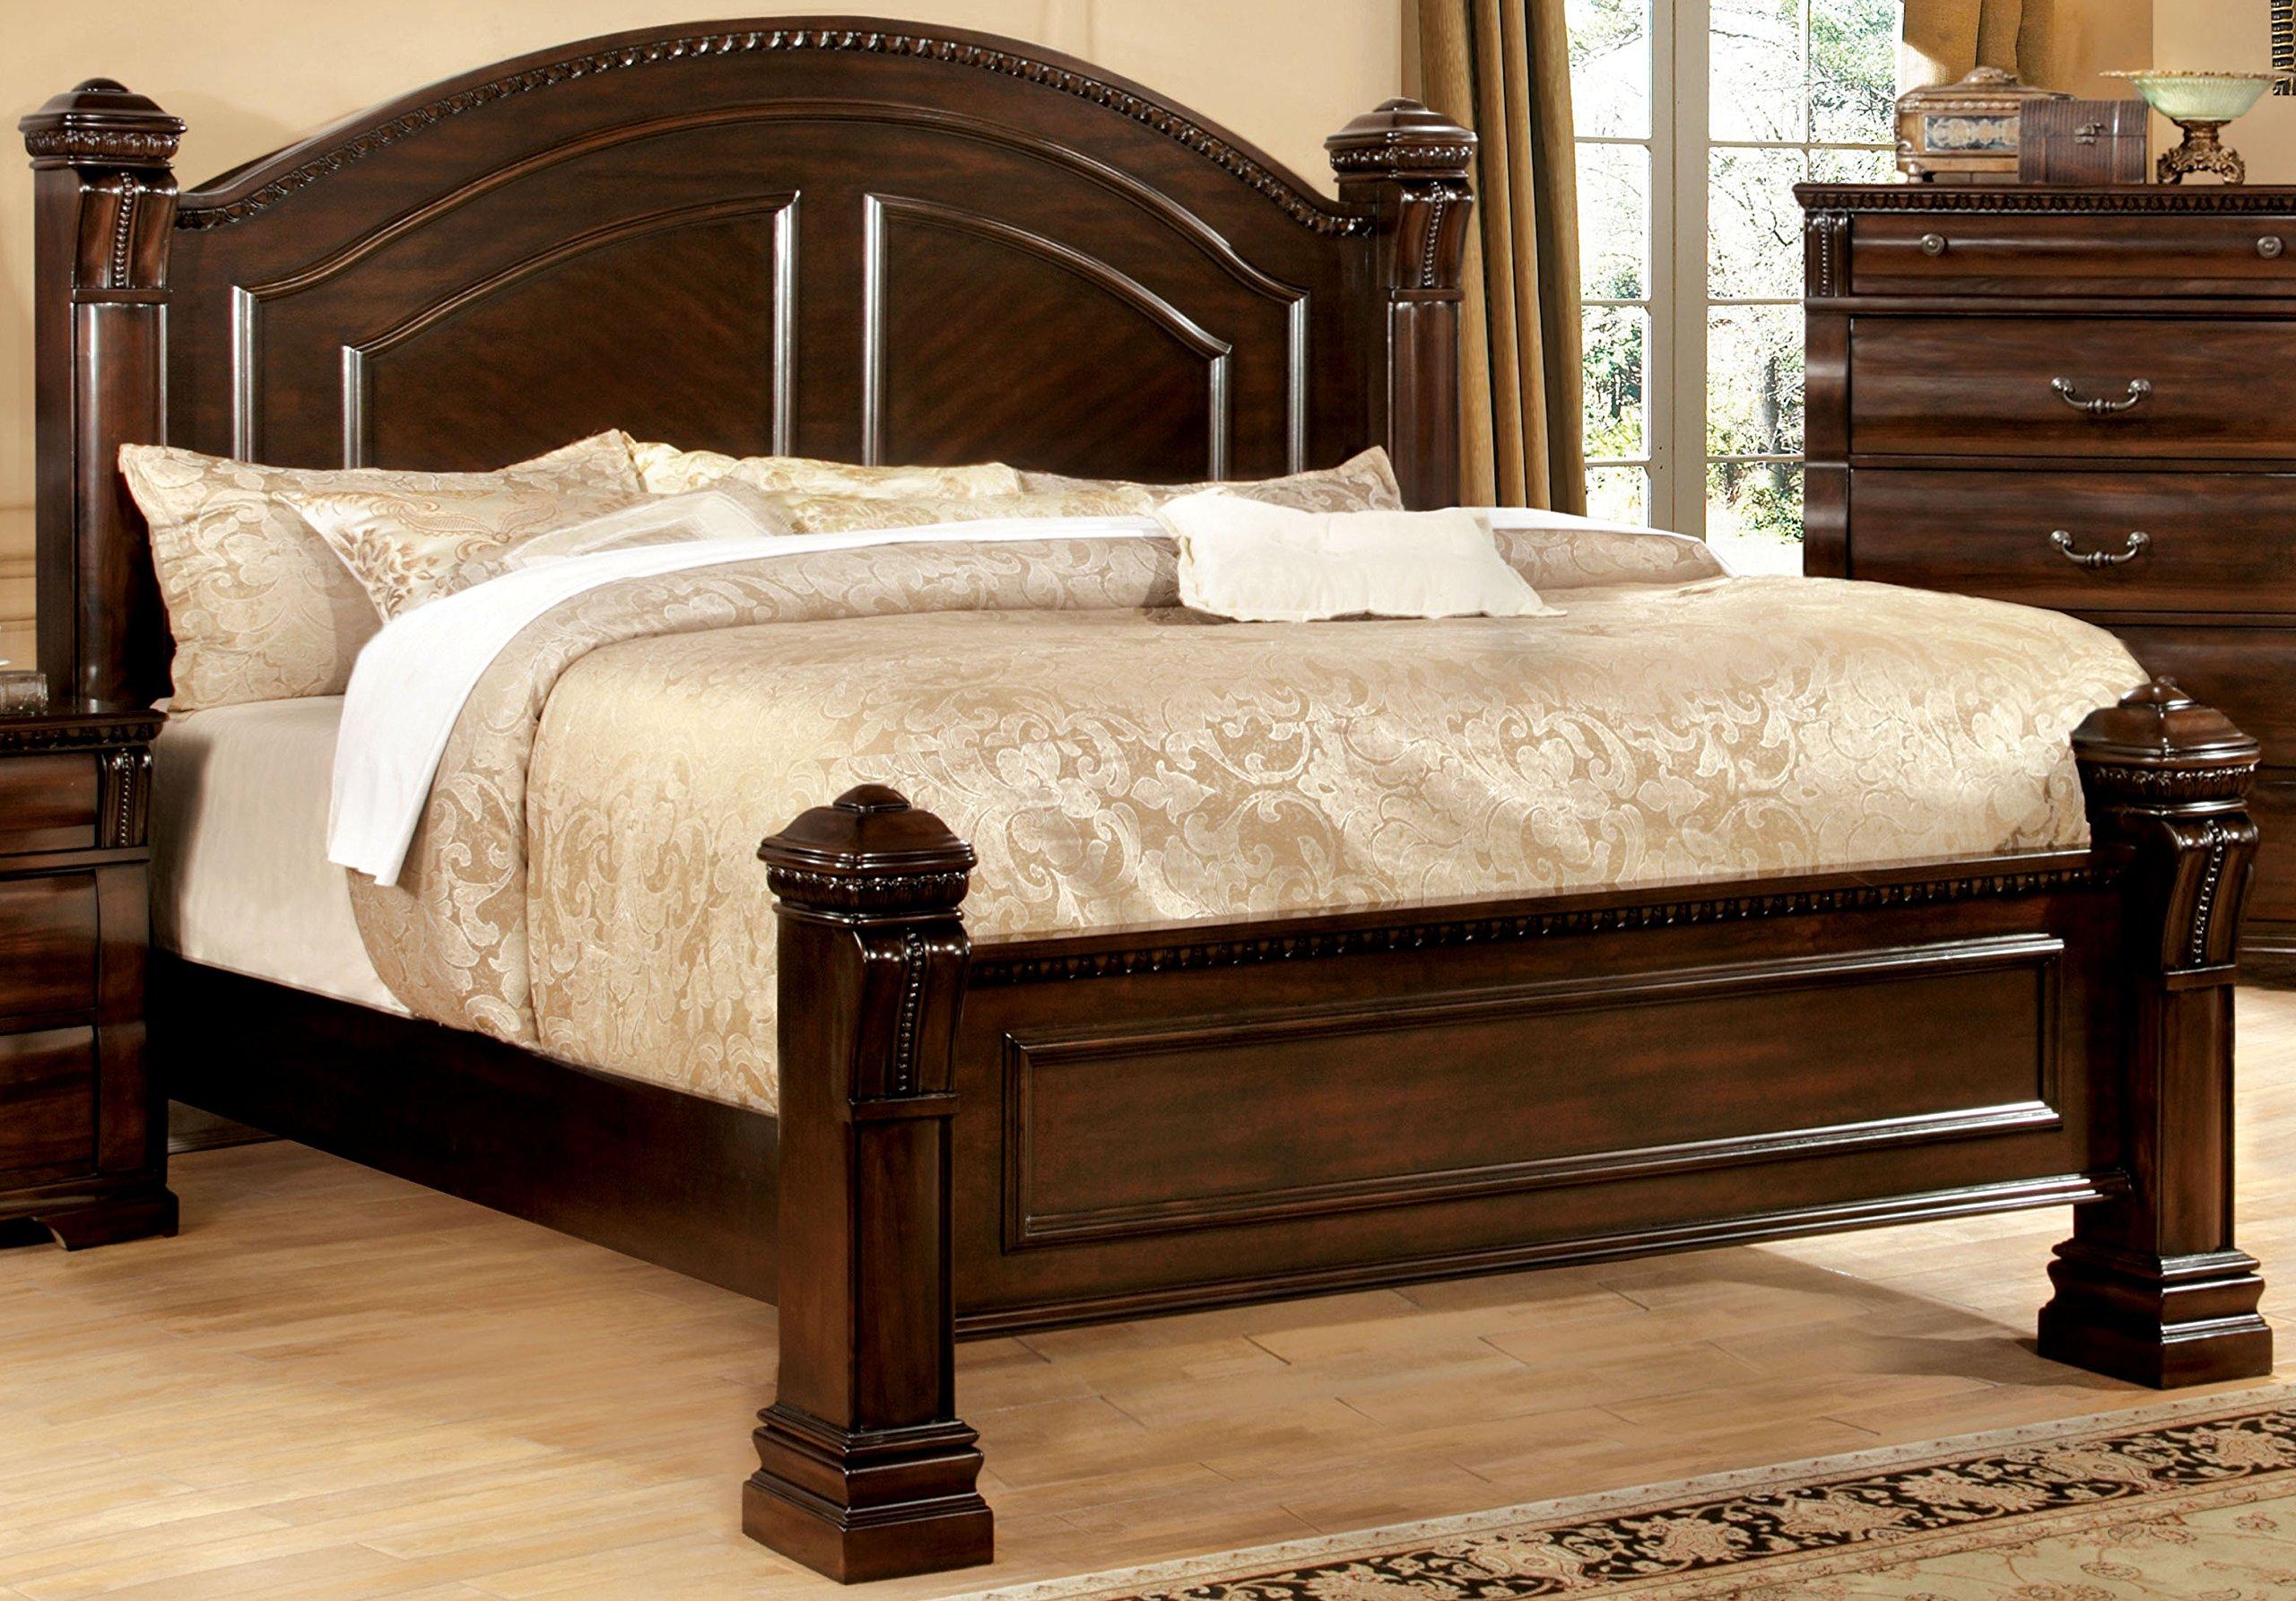 low poster king size solid wood bed frame bedroom furniture curved headboard ebay. Black Bedroom Furniture Sets. Home Design Ideas